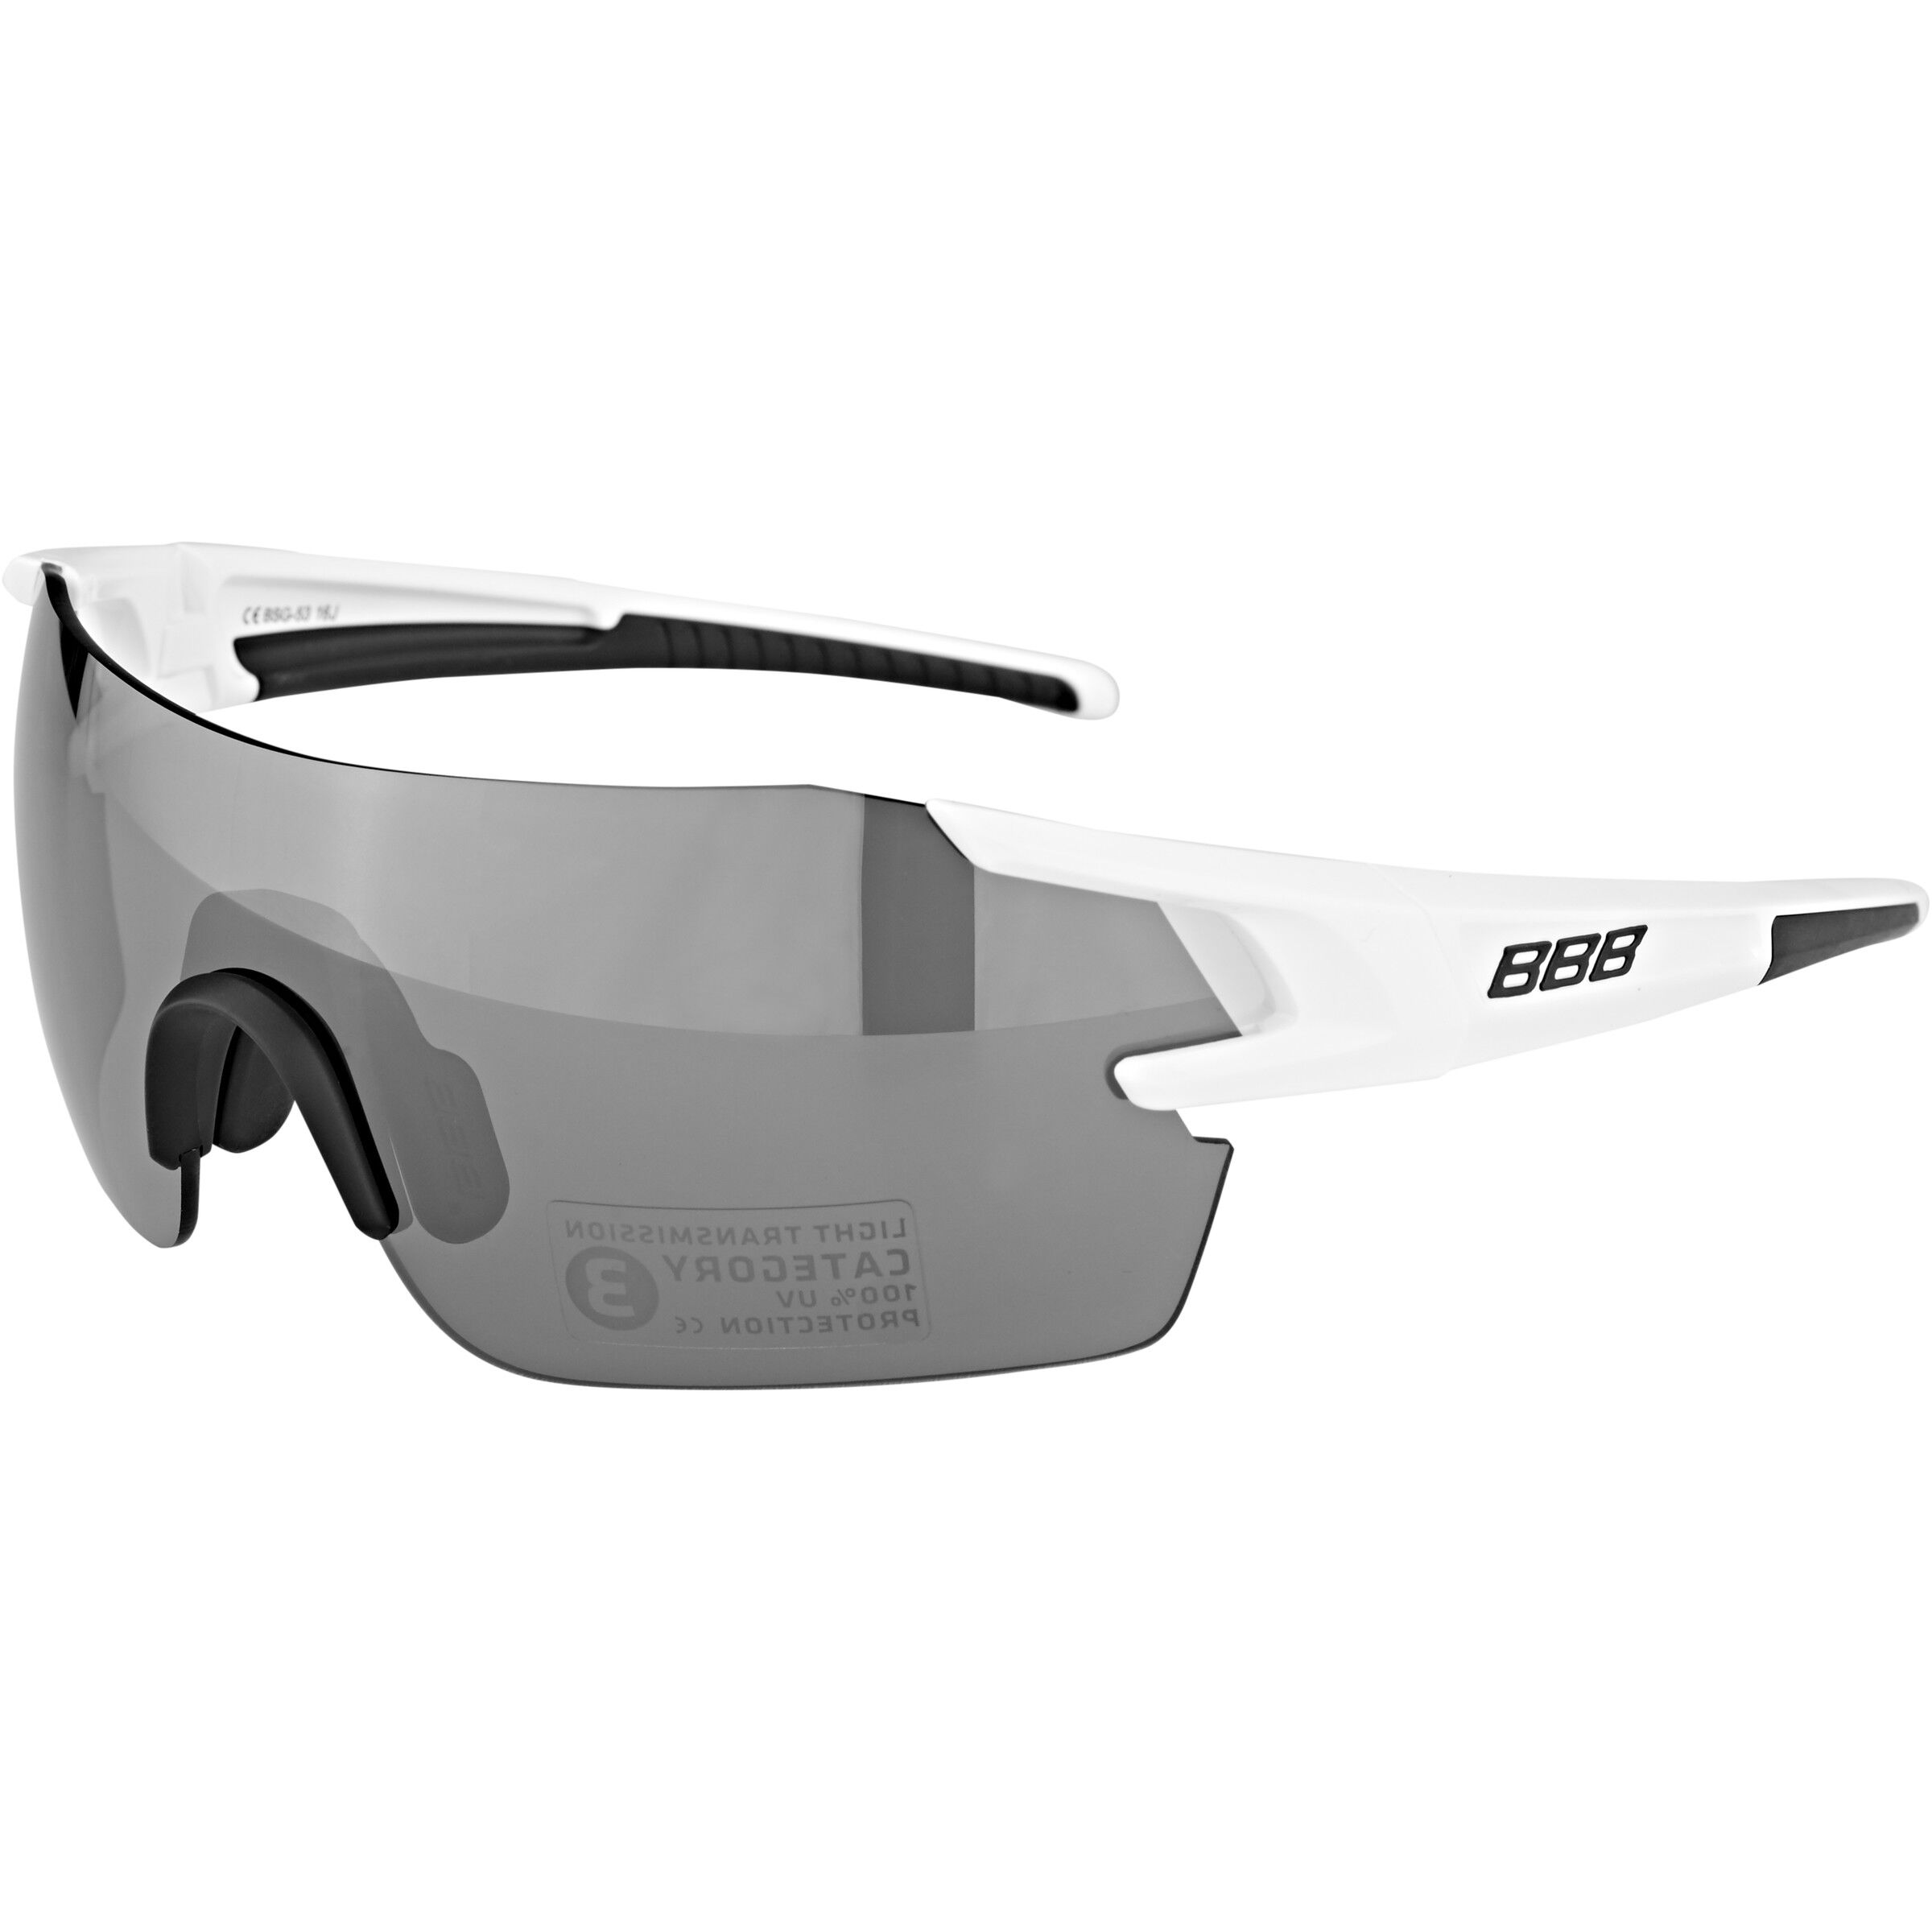 Fahrradbrille kaufen im Shop Radbrillen günstig